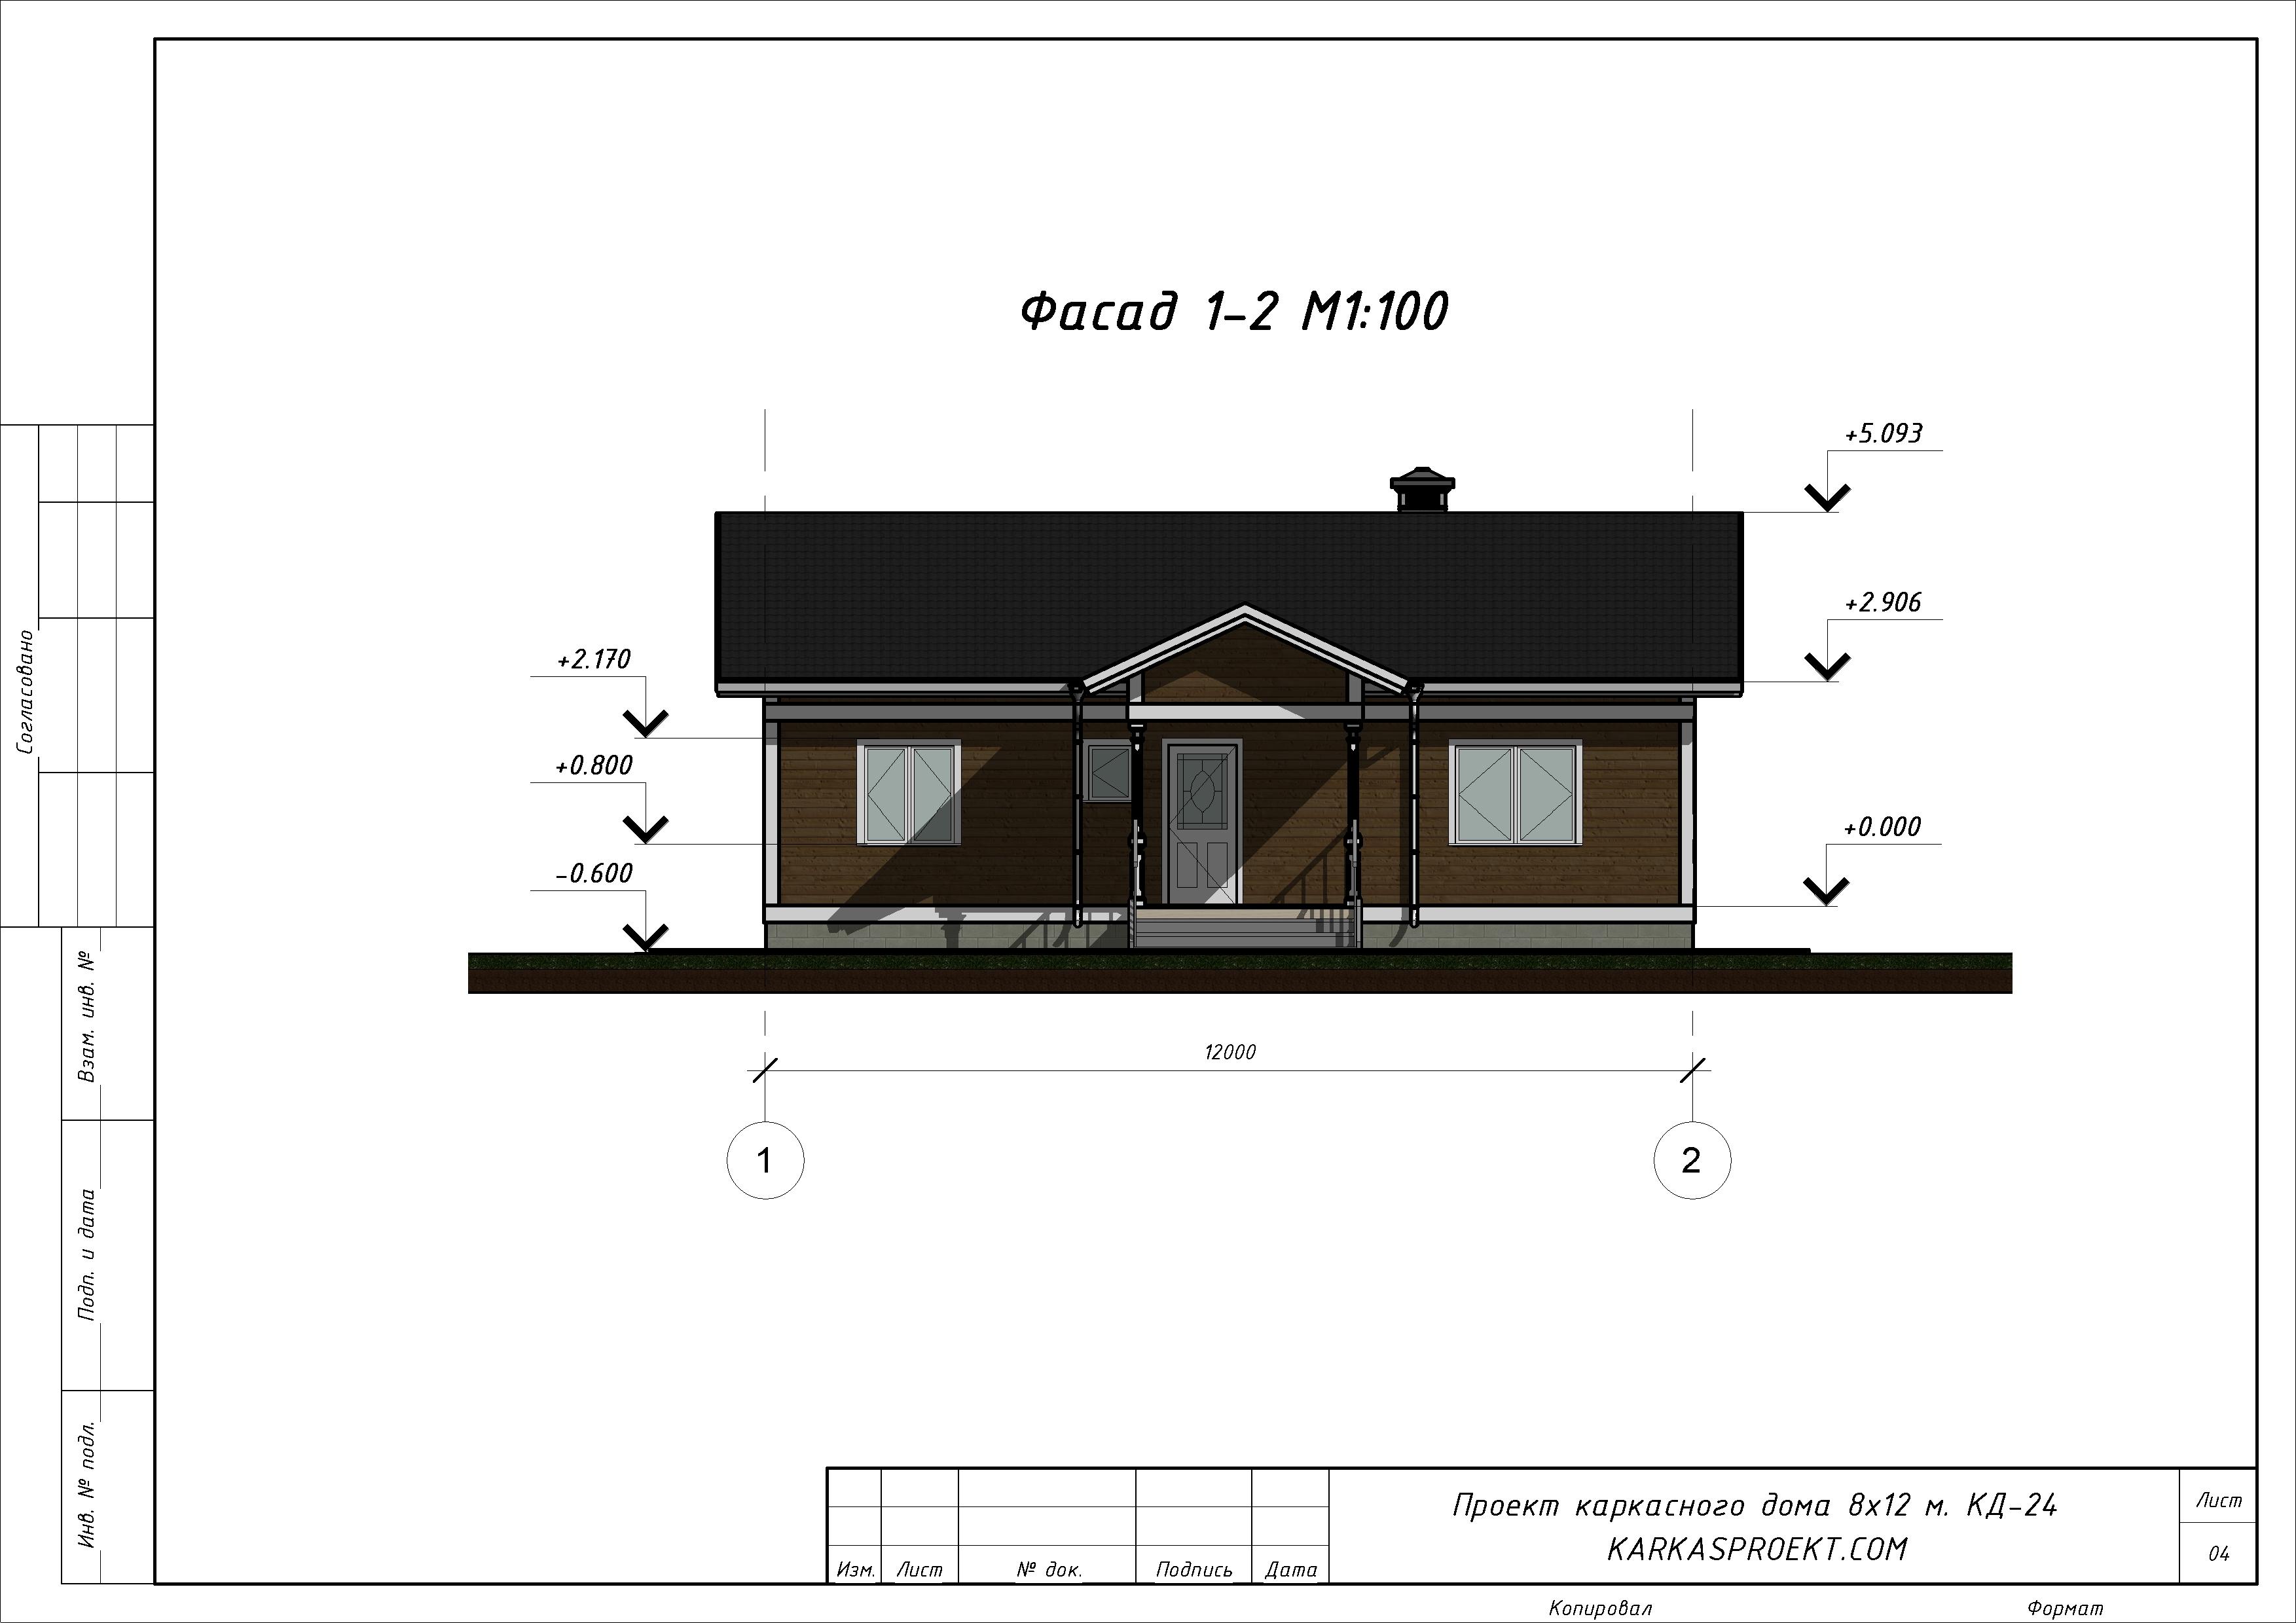 КД-24 - Фасад 1-2